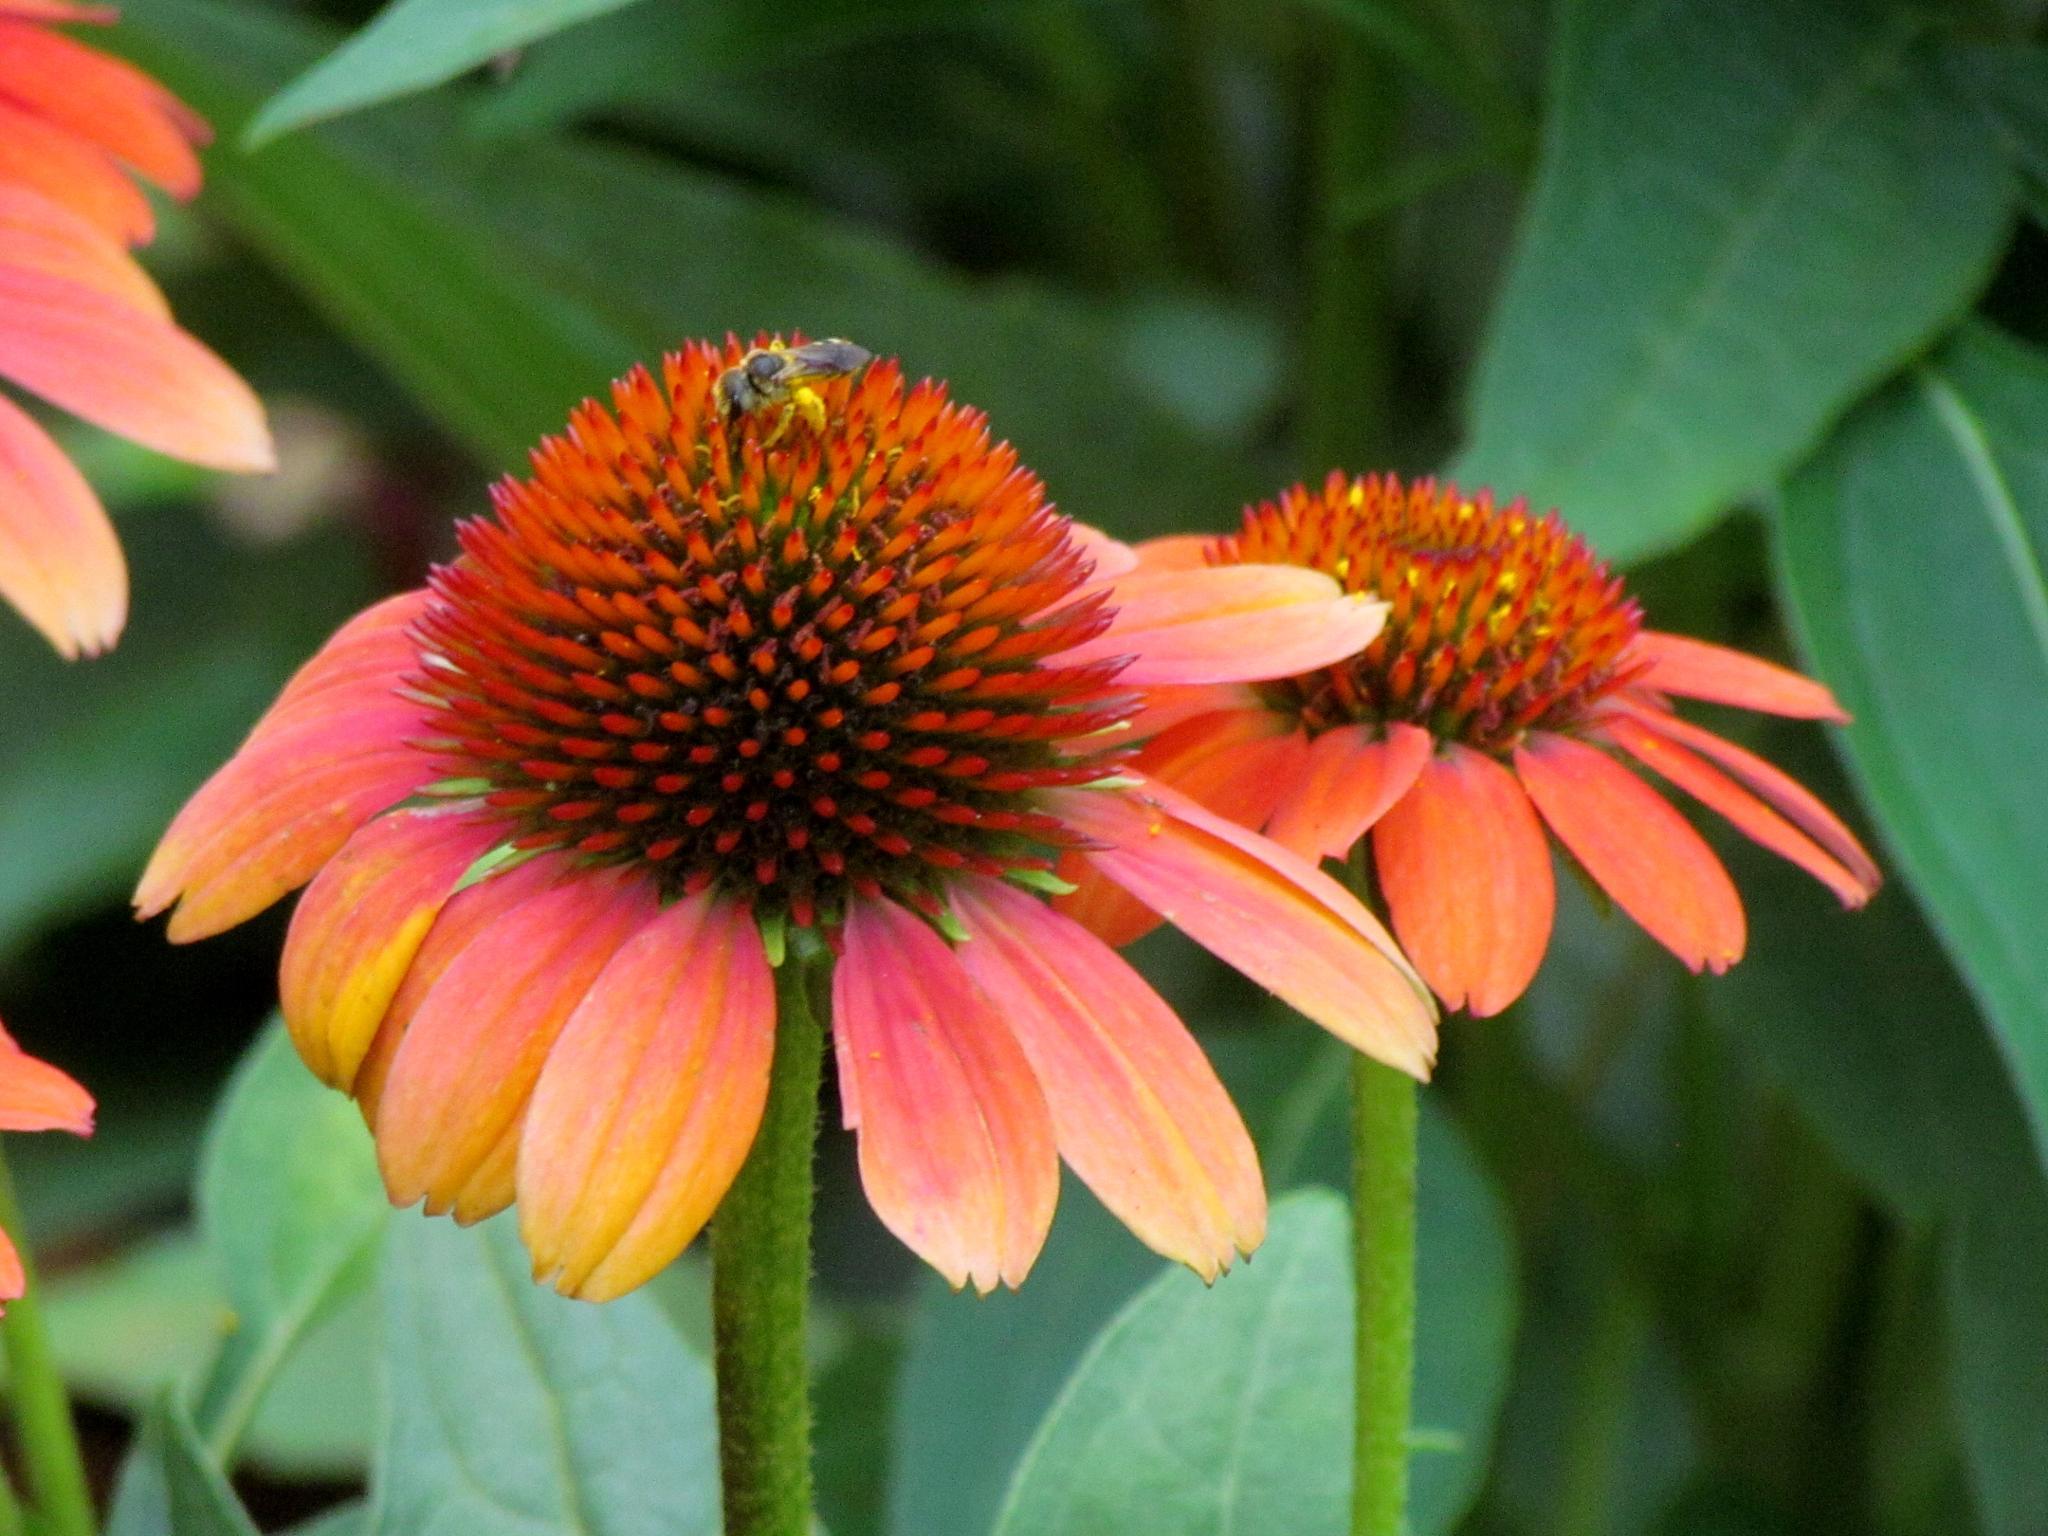 Beauty in Flowers by Christine Keaton